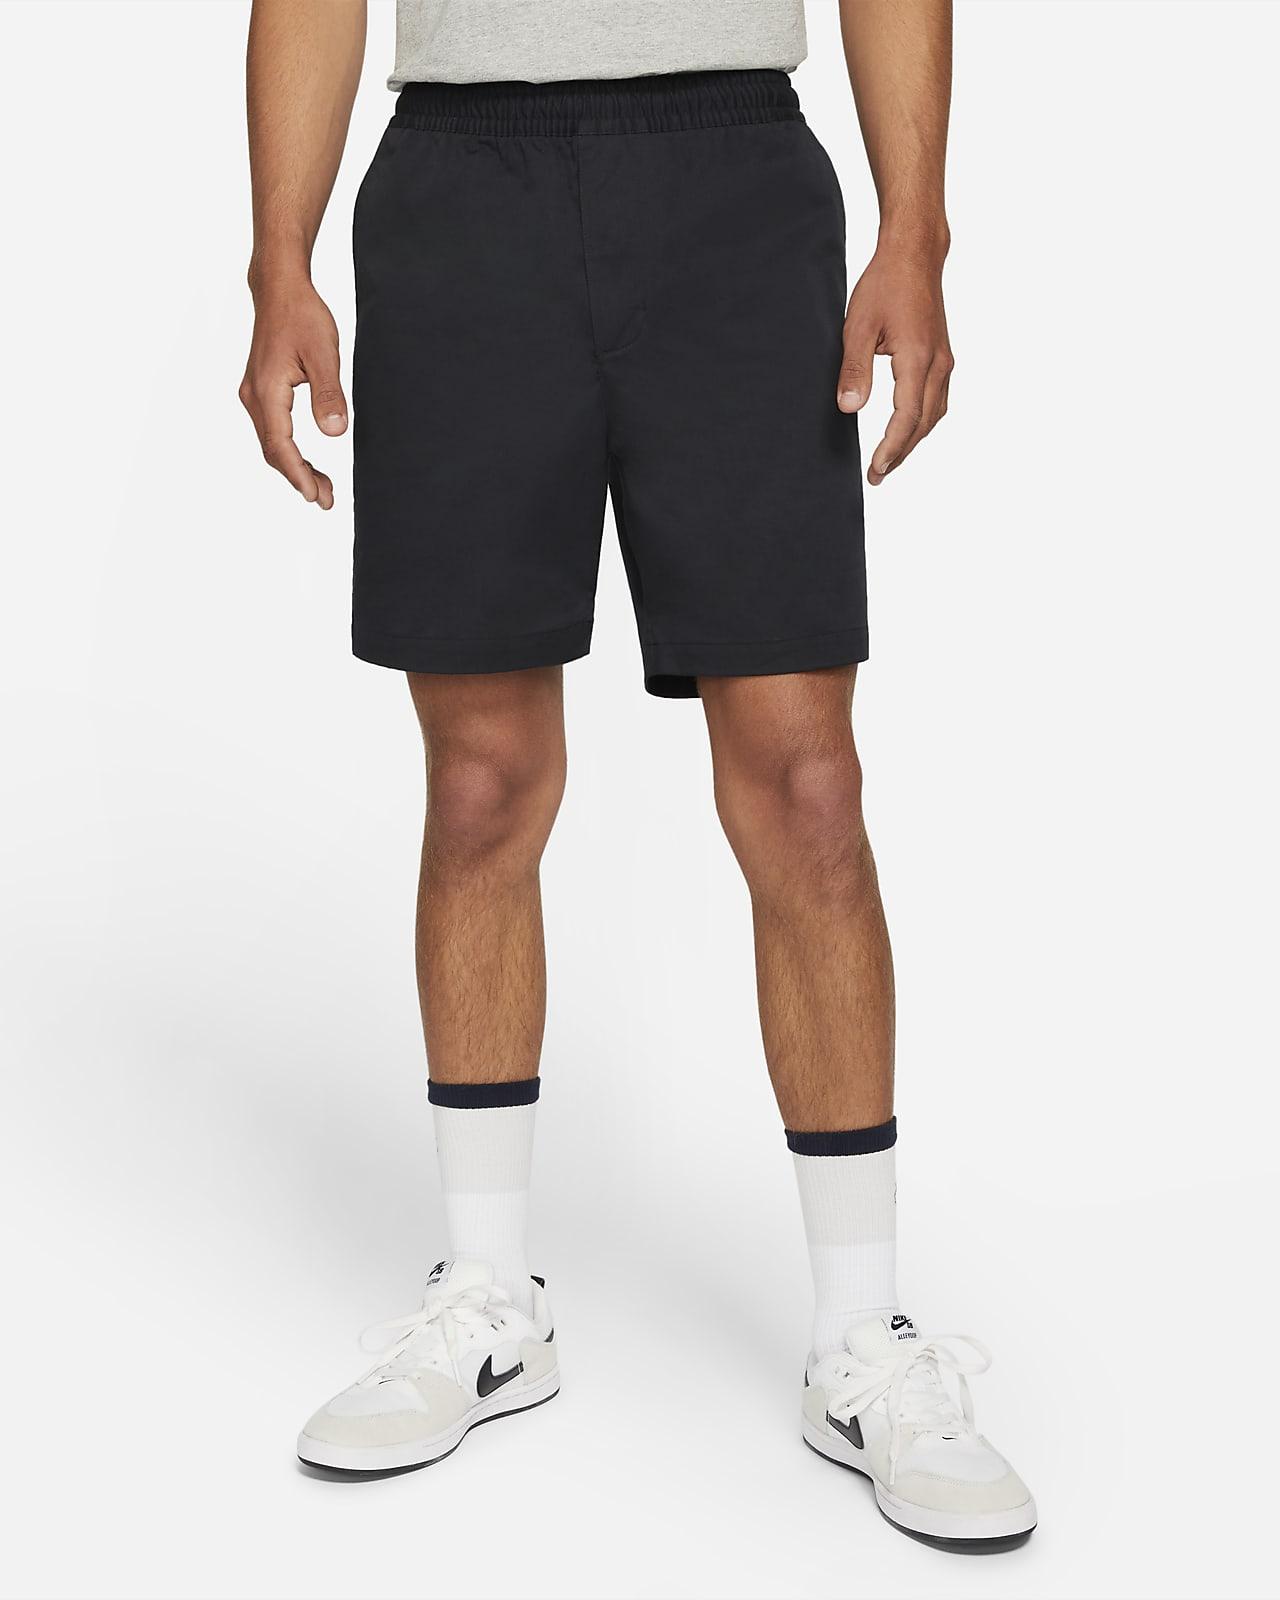 กางเกงชิโน่สเก็ตบอร์ดขาสั้นแบบดึงสวม Nike SB